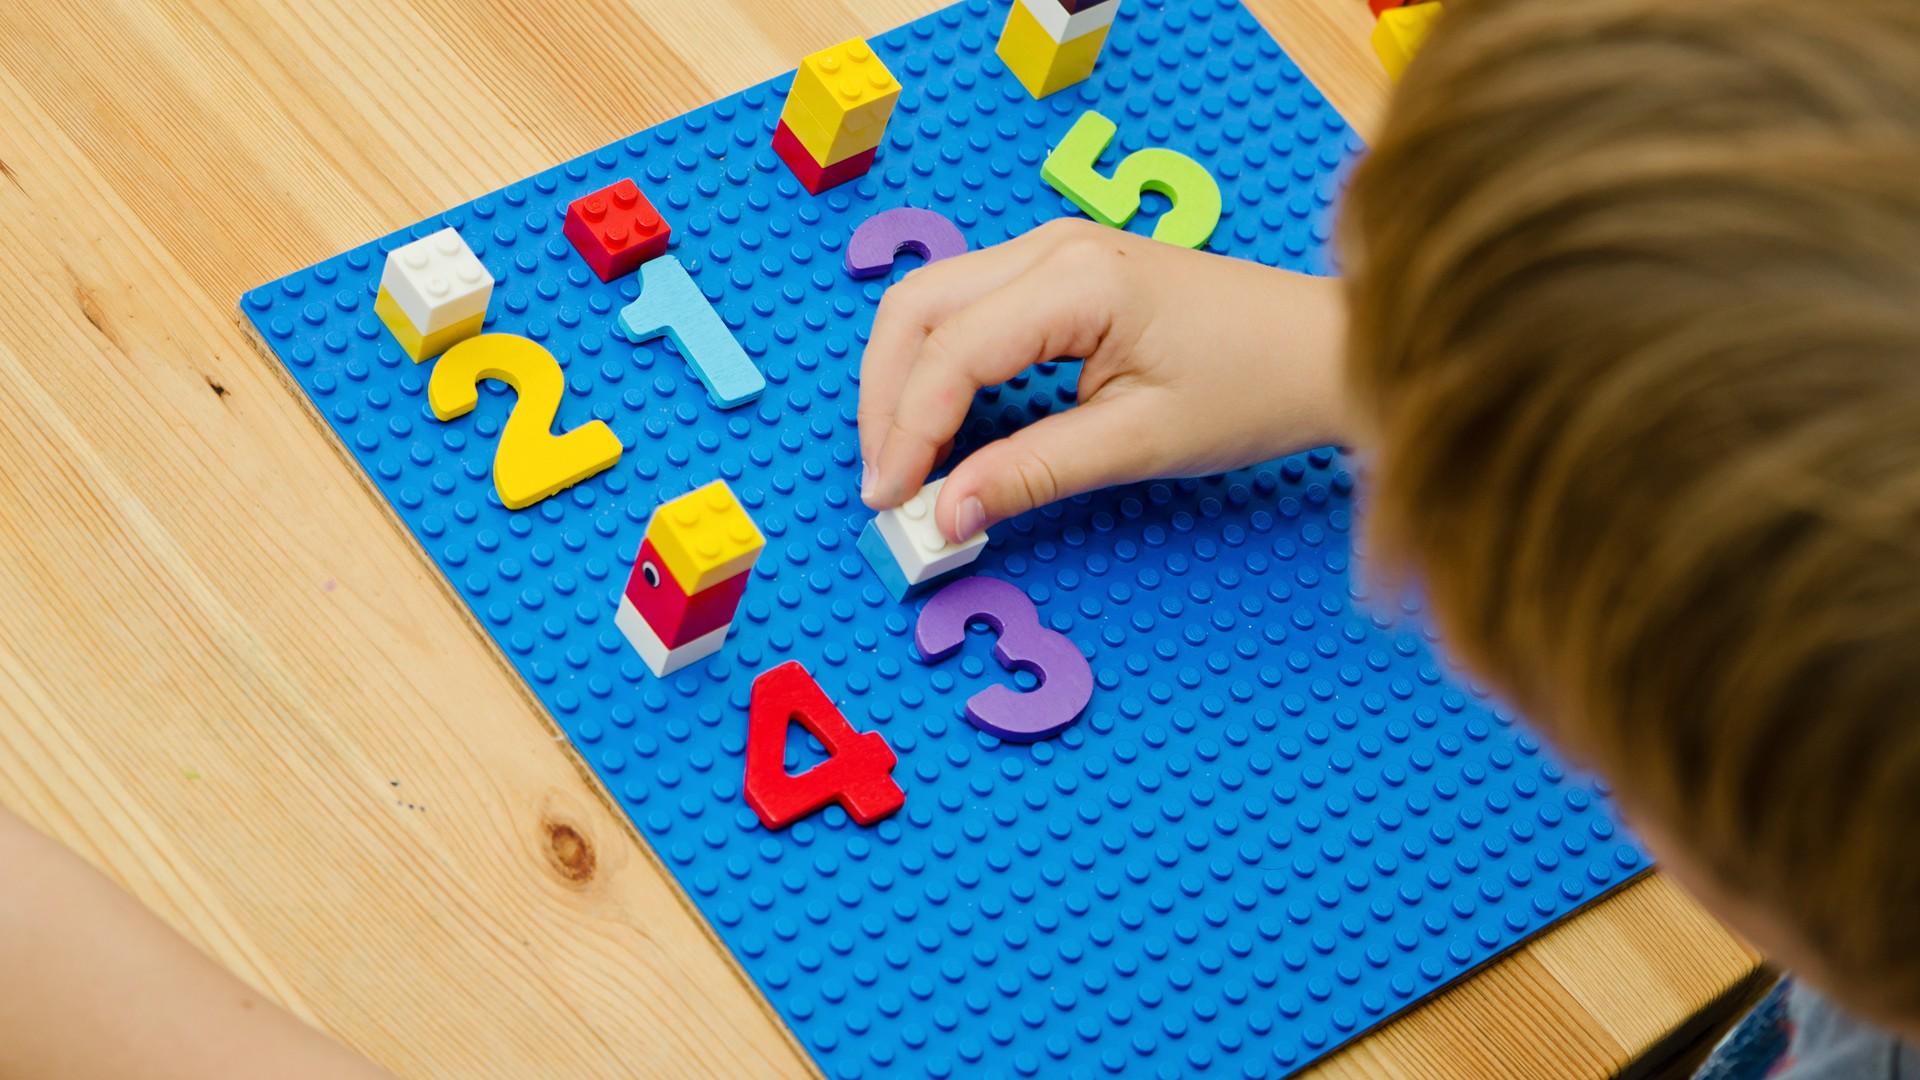 Spielerisch-lernen-im-Home-Schooling.jpg